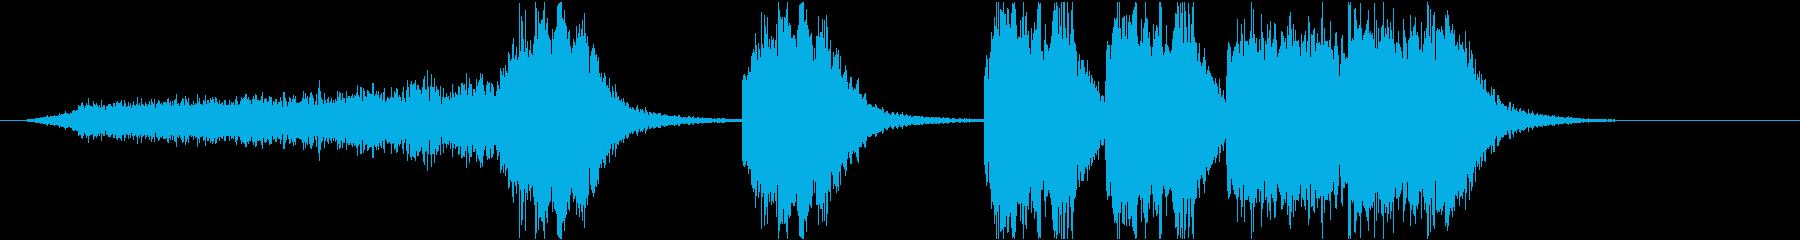 ホラー、サスペンスの再生済みの波形